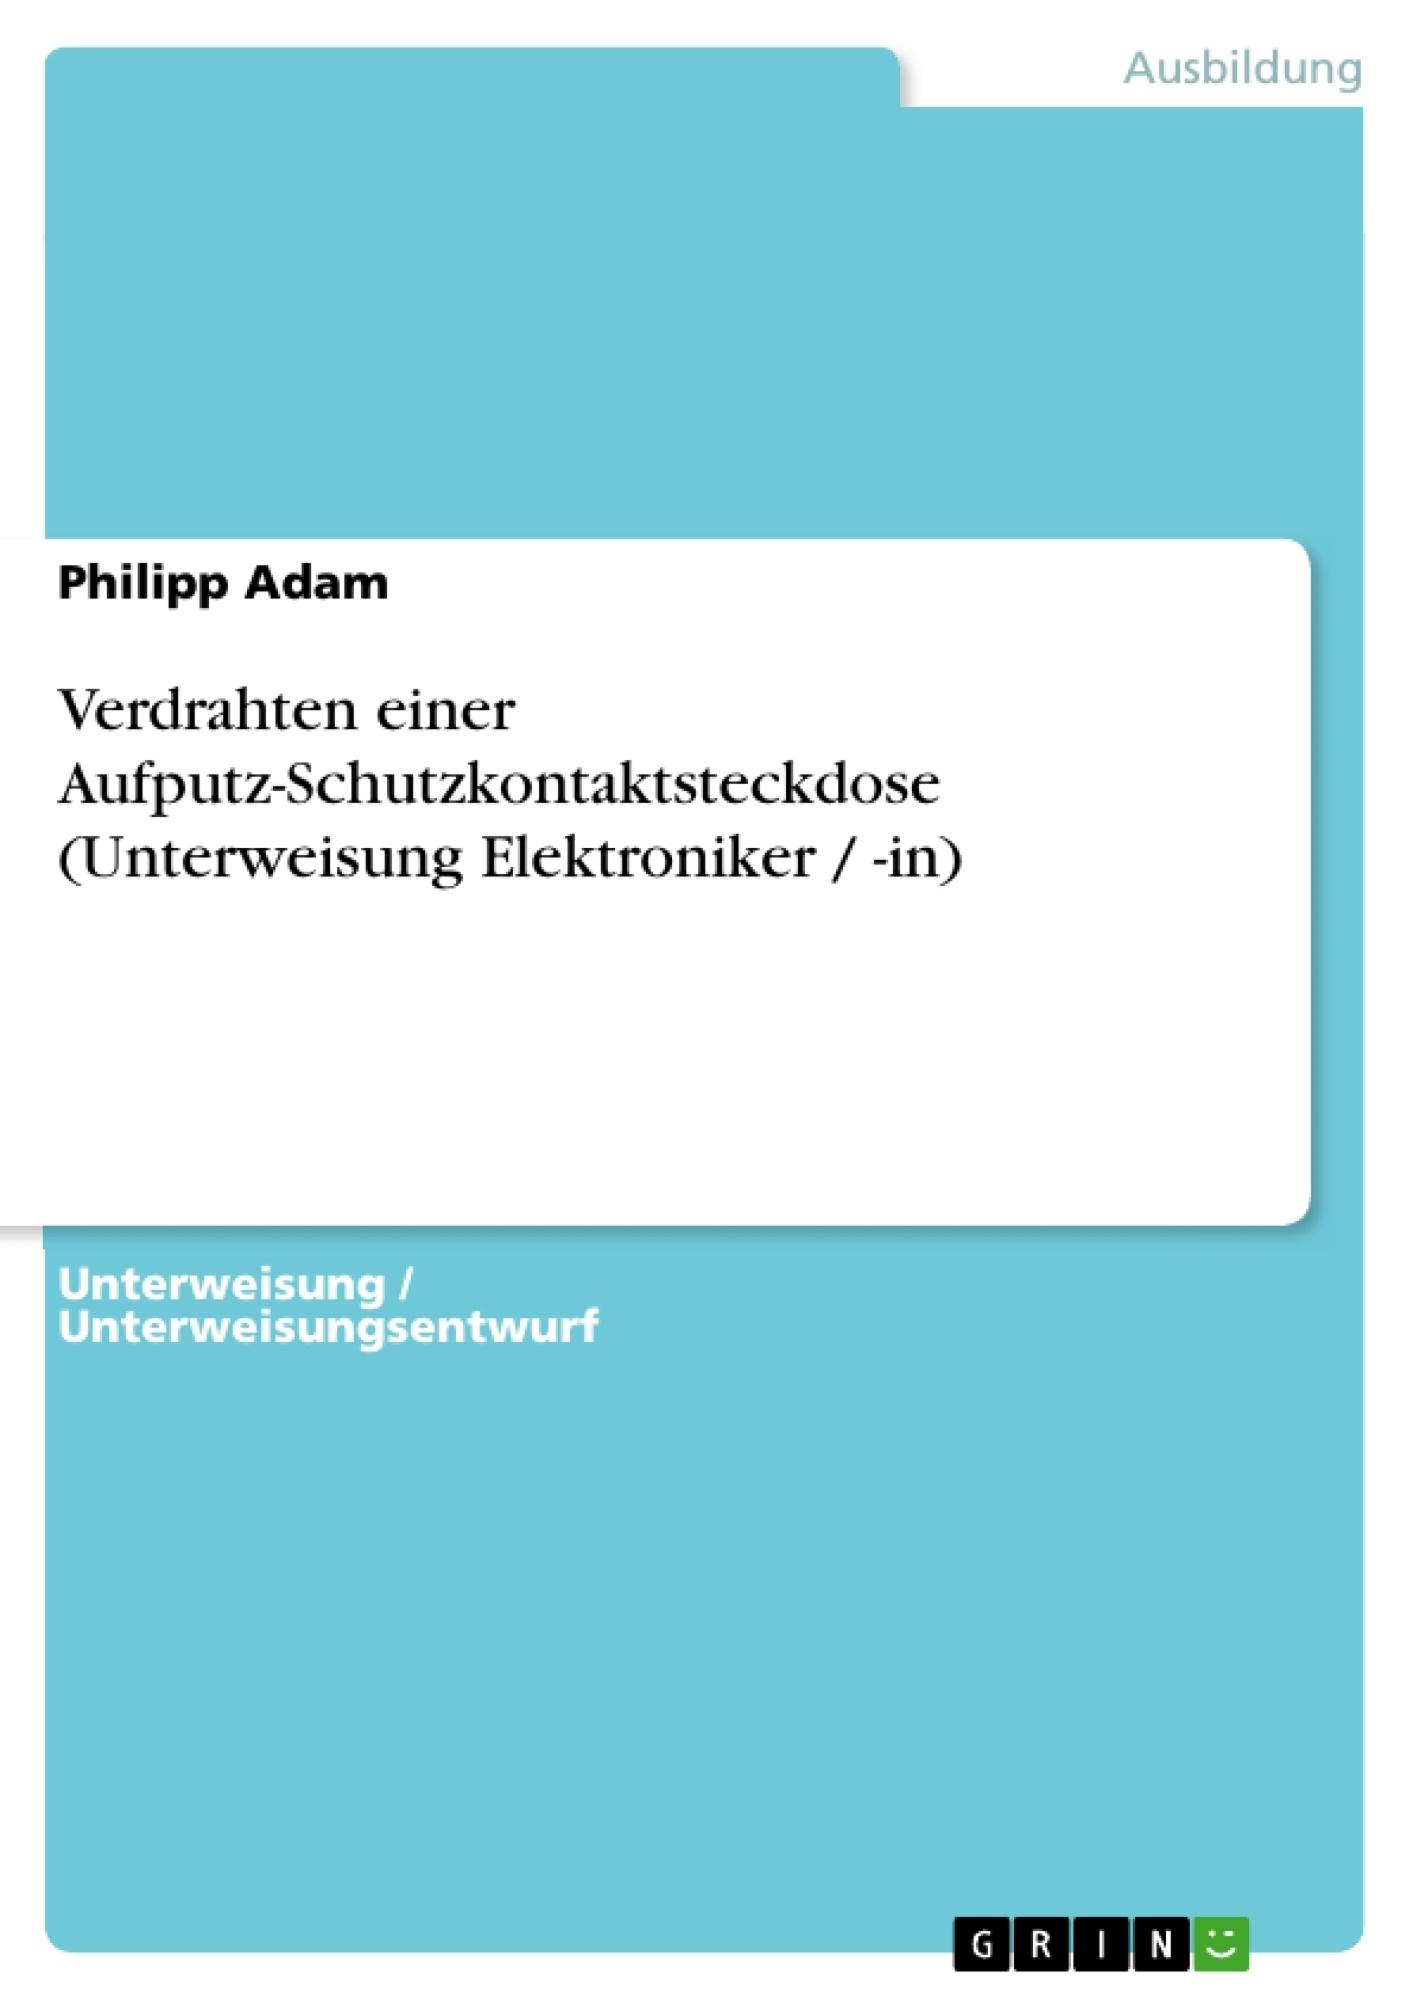 Titel: Verdrahten einer Aufputz-Schutzkontaktsteckdose (Unterweisung Elektroniker / -in)